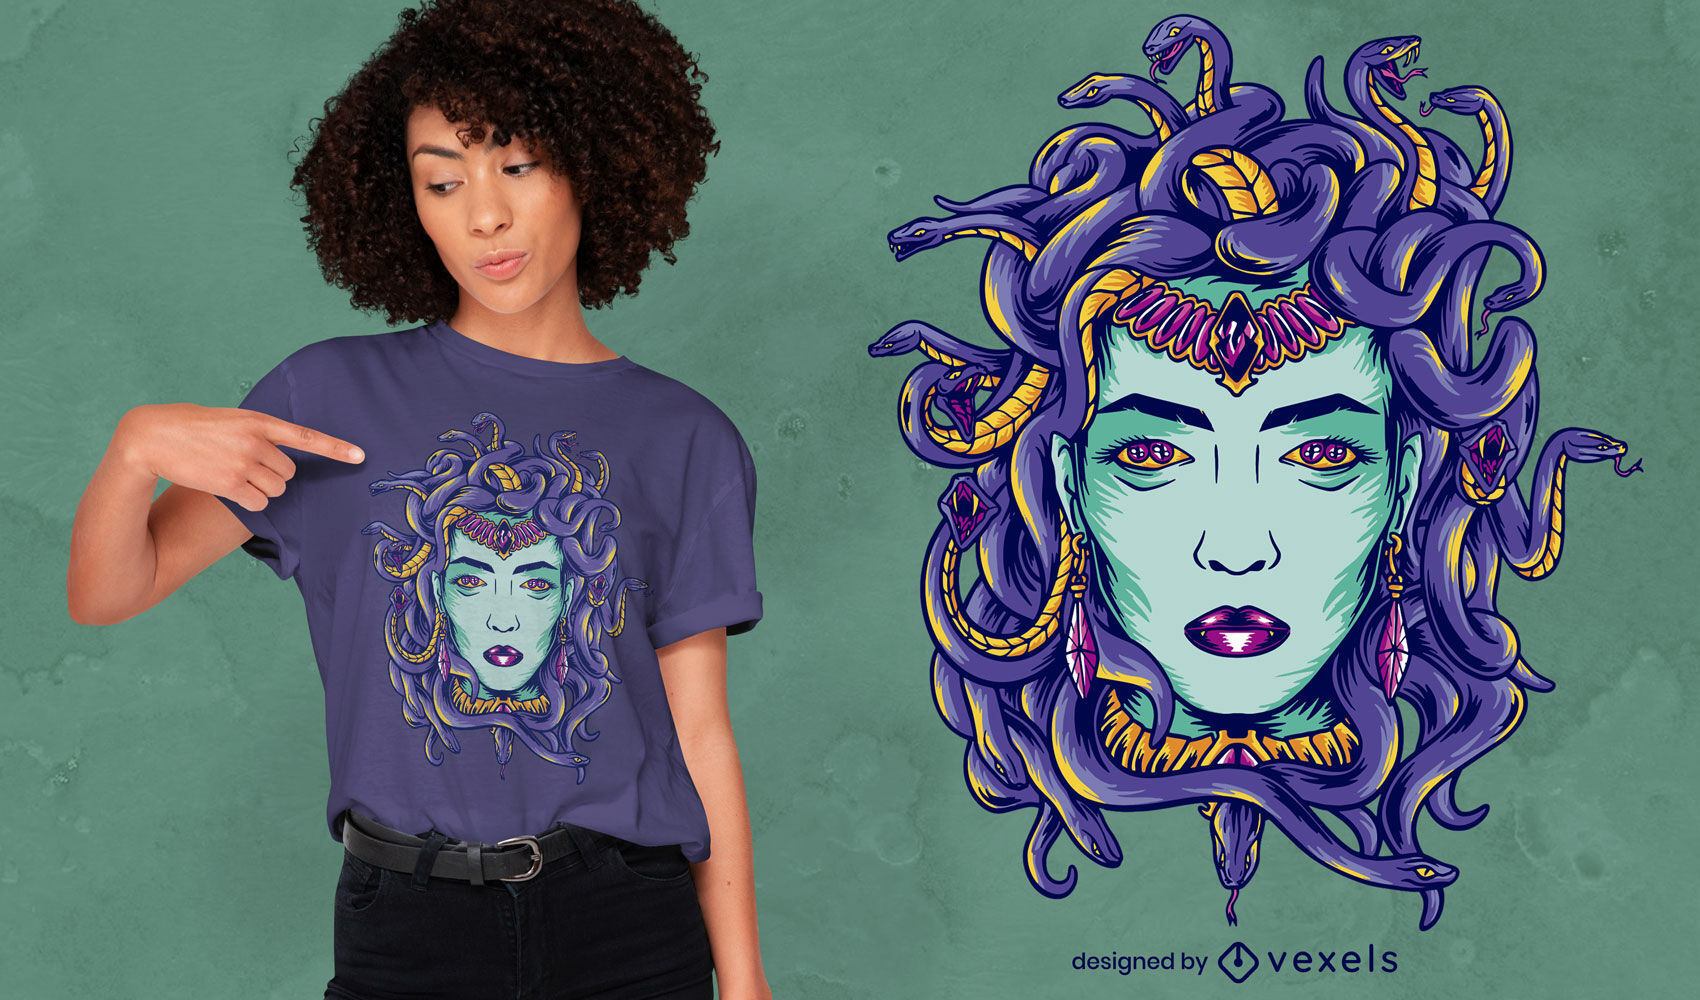 Dise?o de camiseta de monstruo mitol?gico de Medusa.